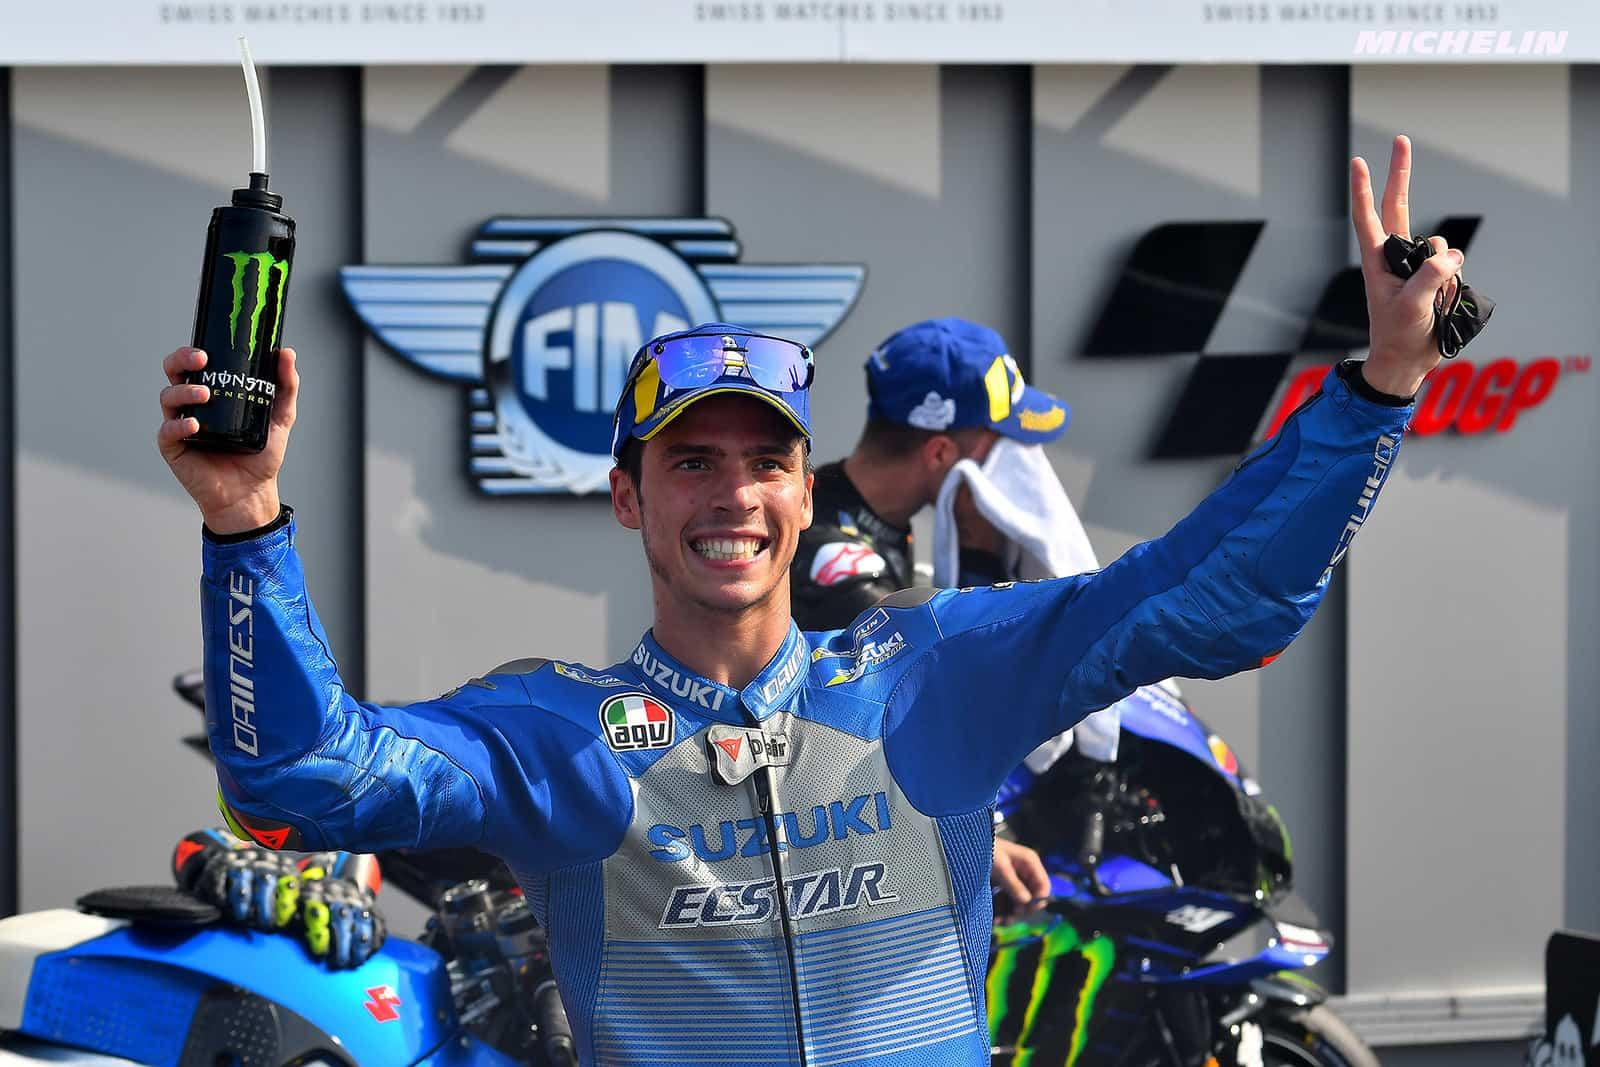 フランスGP ジョアン・ミル「優勝することに意識を集中していきたい」